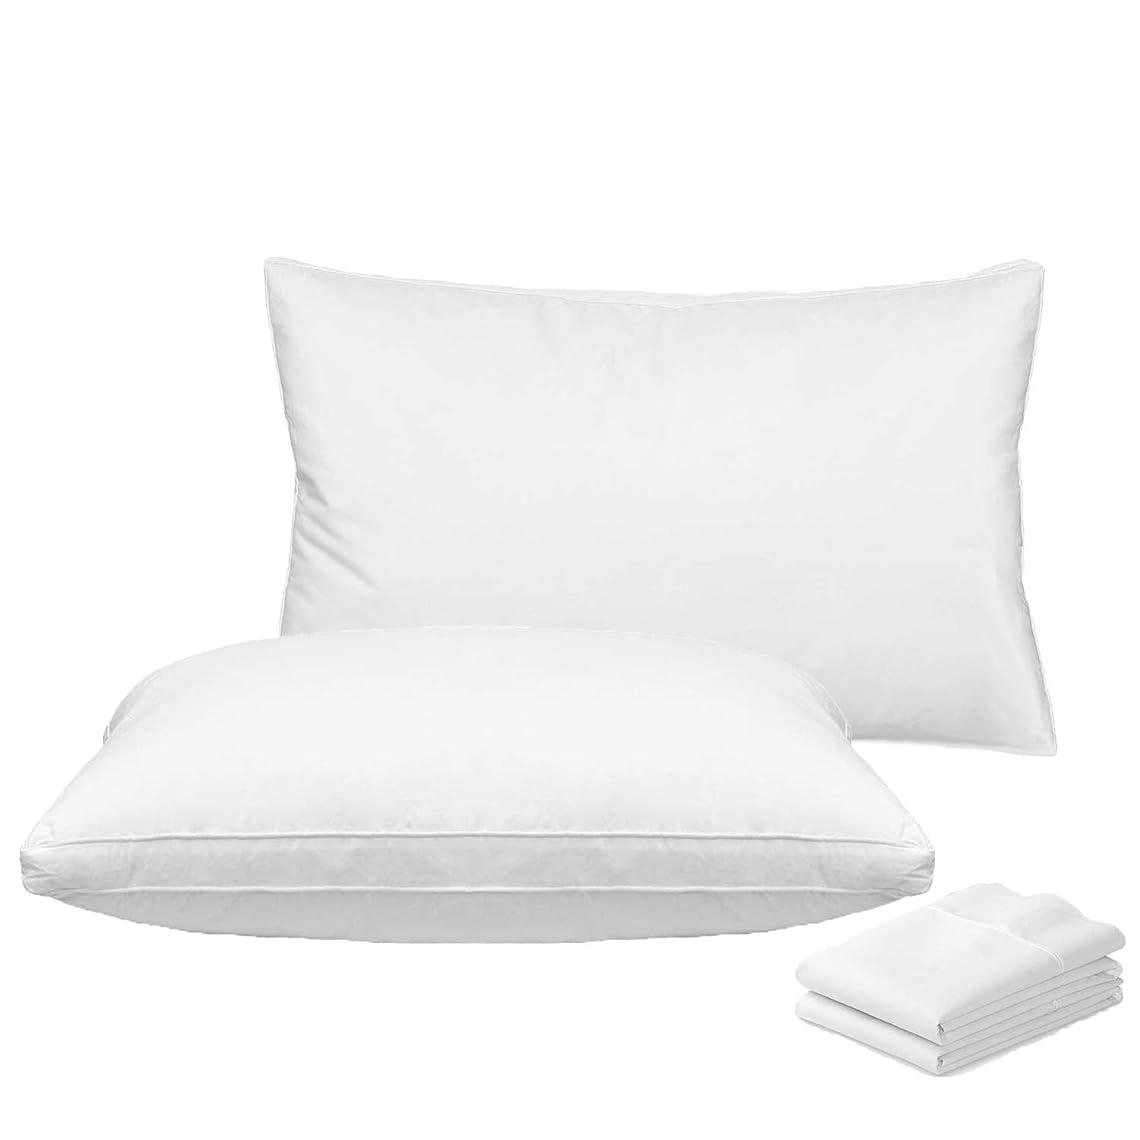 アークアパート代理店ROADSWIN 枕 安眠 人気 枕 肩こり 安眠枕 枕と枕カバー 2組セット 高反発枕 横向き対応 丸洗い可能 立体構造 高級ホテル仕様 - 43x63cm